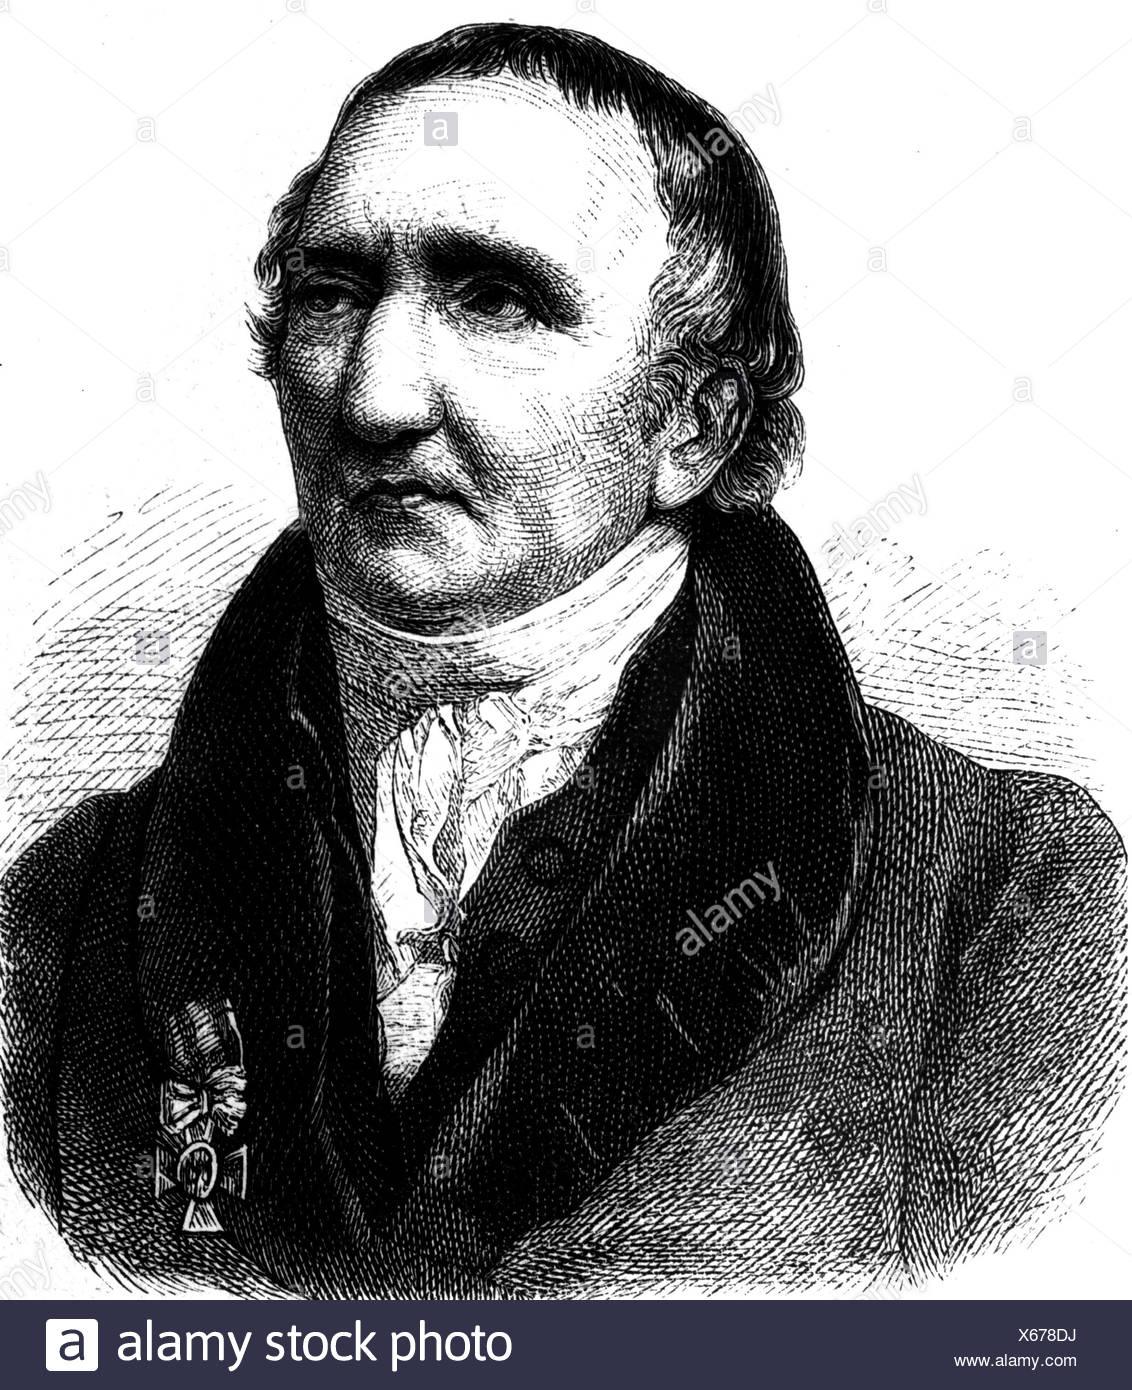 Schadow, Johann Gottfried, 20.5.1764 - 27.1.1850, sculpteur allemand, portrait, gravure, XIXe siècle, Banque D'Images